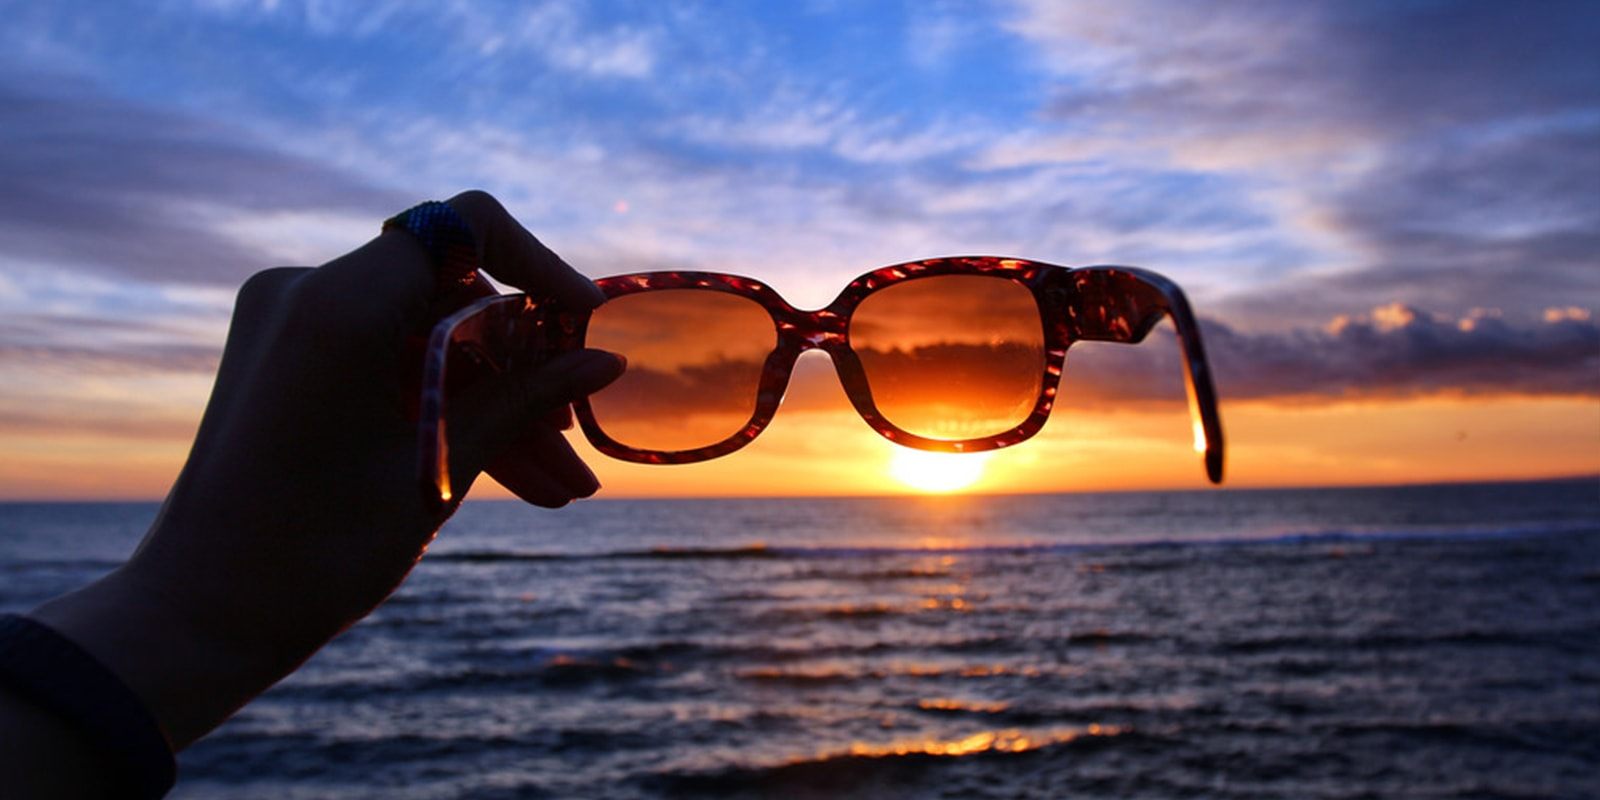 sunglasses-cover